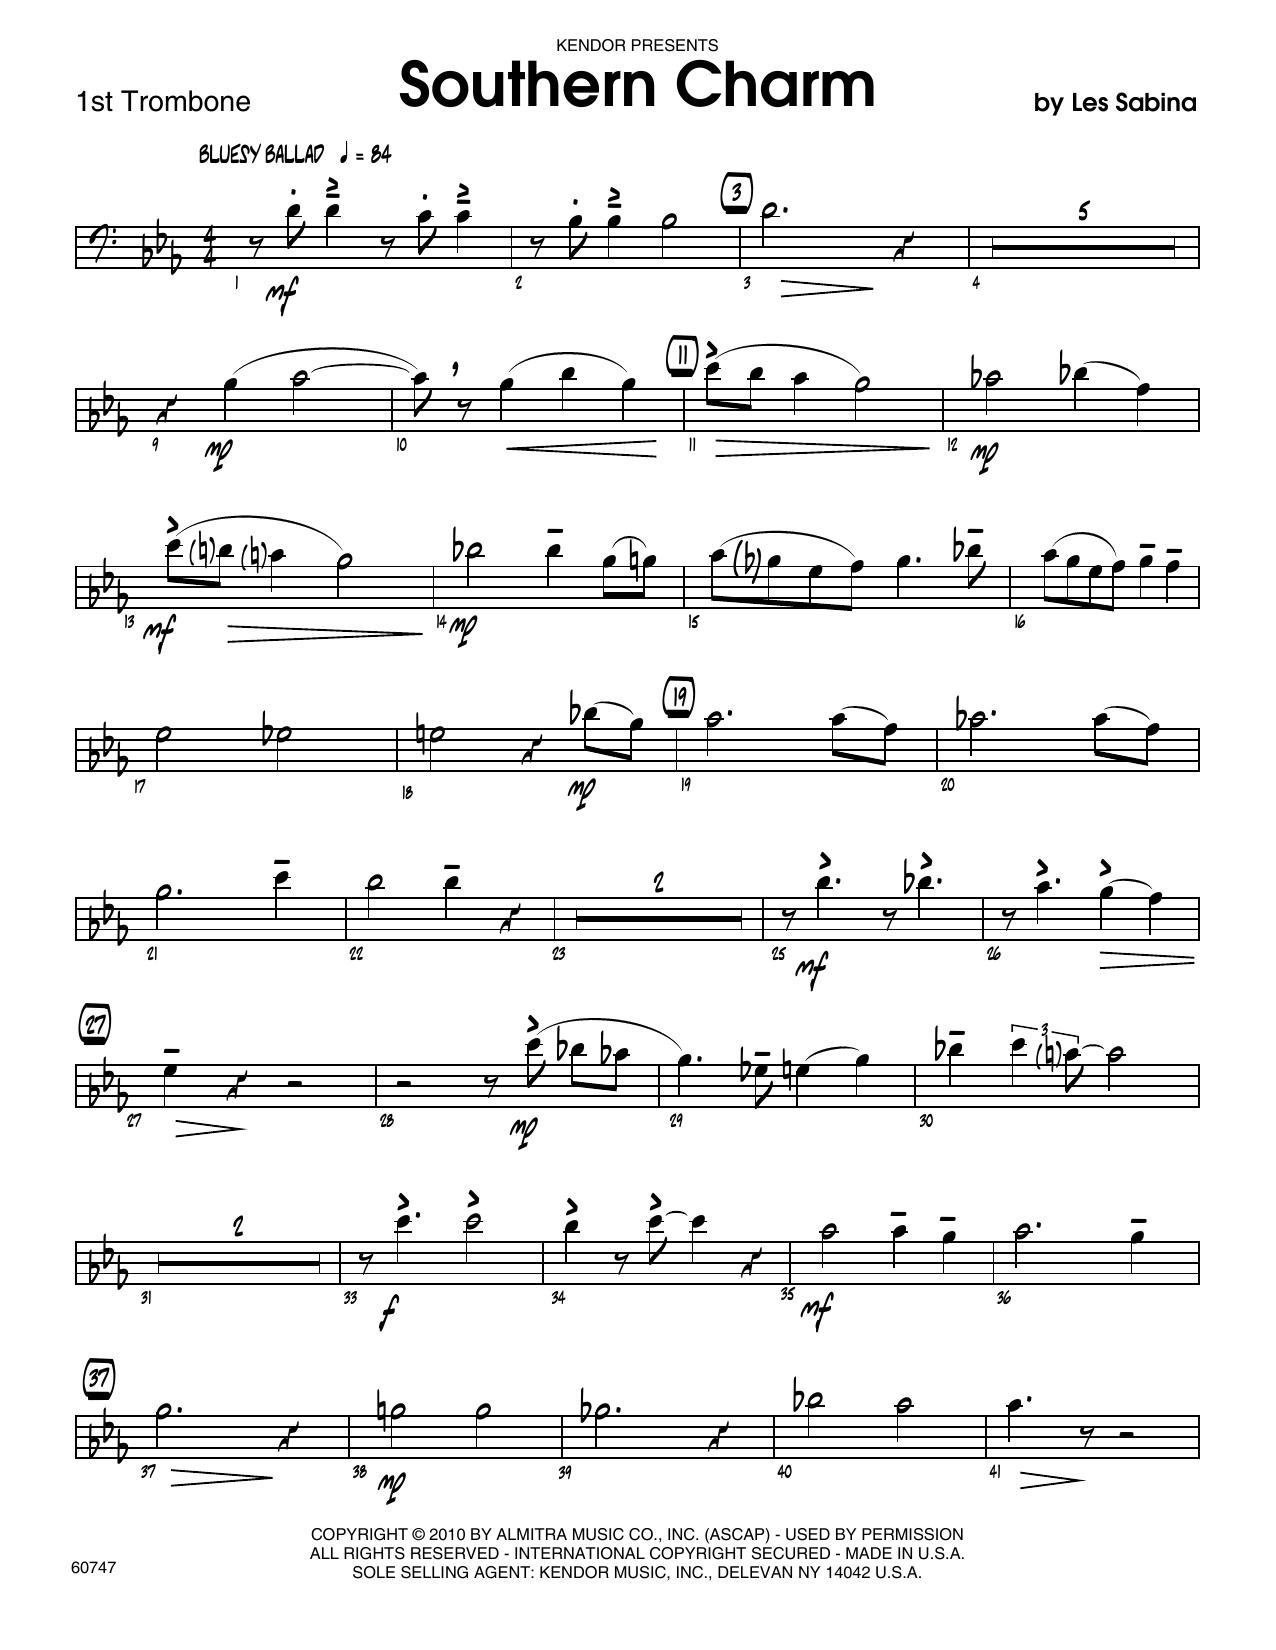 Southern Charm - 1st Trombone Sheet Music